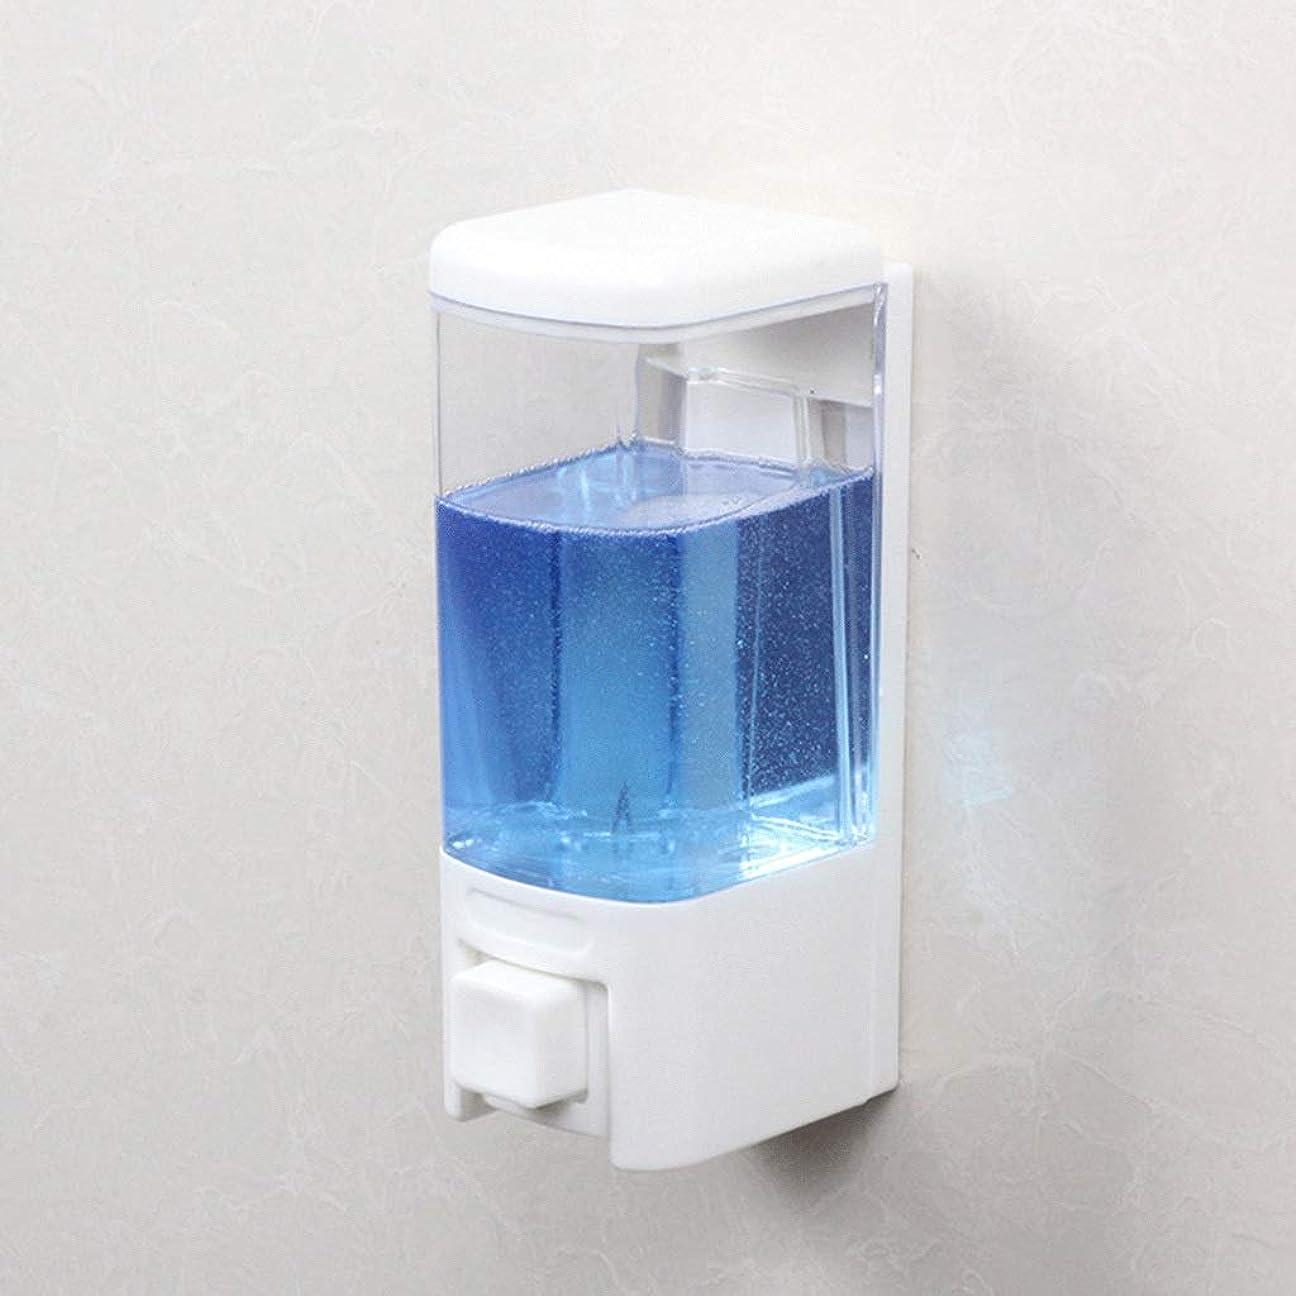 請求書フルーティーマージンせっけん 浴室ソープディスペンサーホテル壁掛け風呂シングルヘッドソープマシンシャワージェルボックス漏れ防止手消毒剤ボトル 新しい